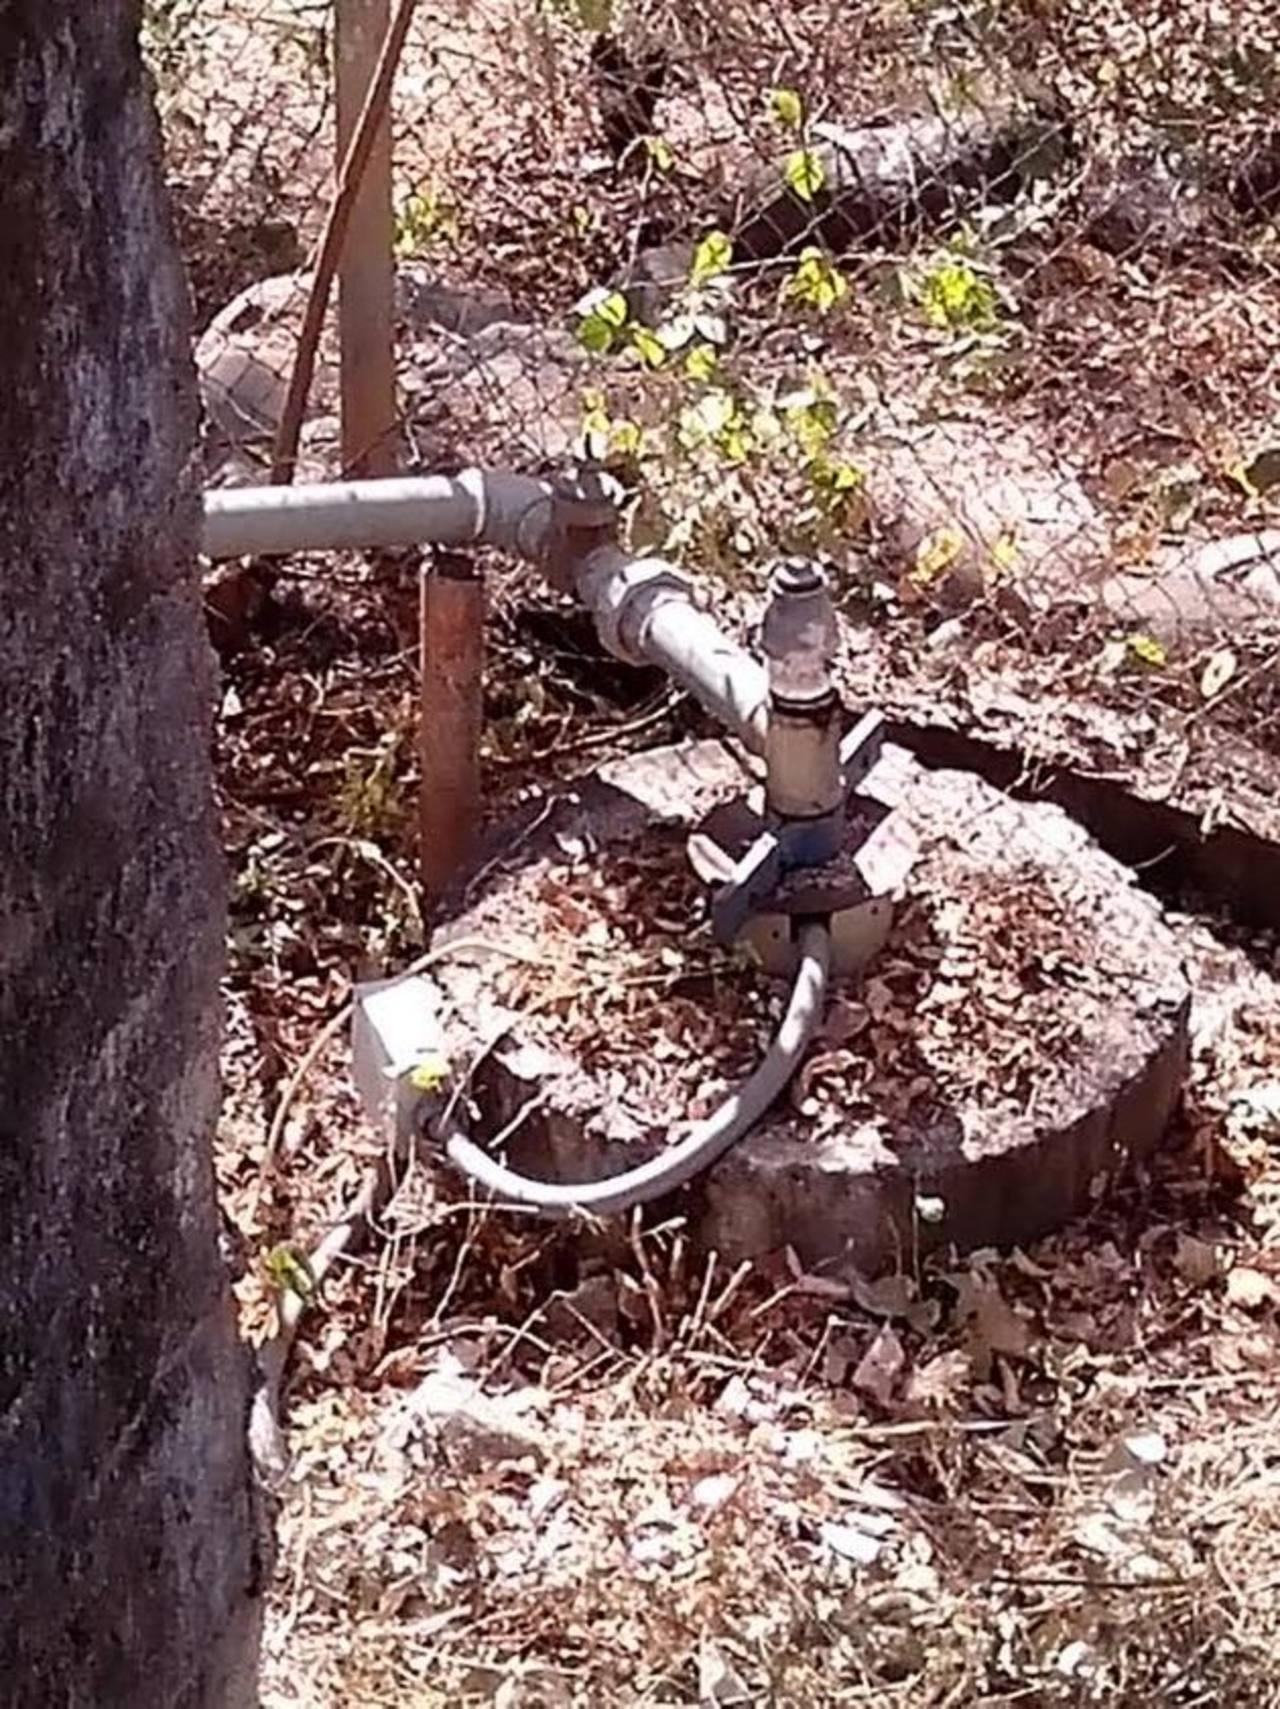 El actual pozo ha reducido su capacidad de producir agua, además está bastante descuidado. foto edh / insy mendoza